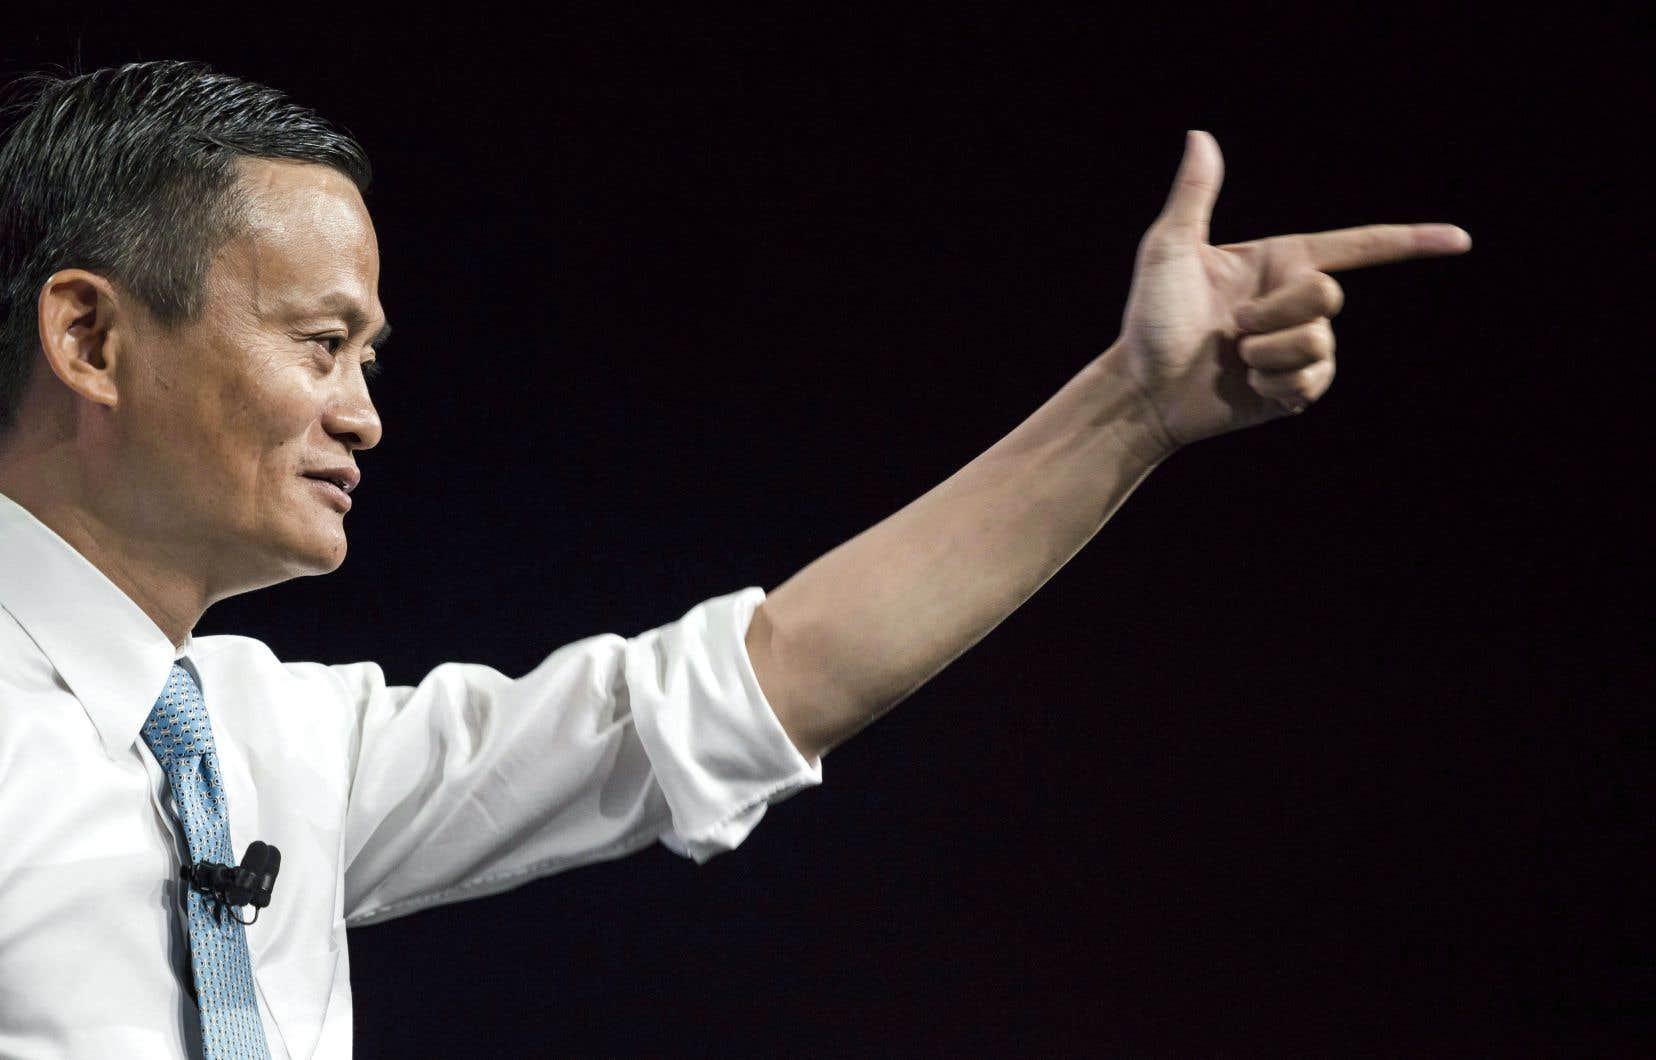 Le centre de recherche d'Alibaba s'inspirera des performances des laboratoires des titans américains de l'informatique IBM et Microsoft, selon le fondateur de la compagnie, Jack Ma.